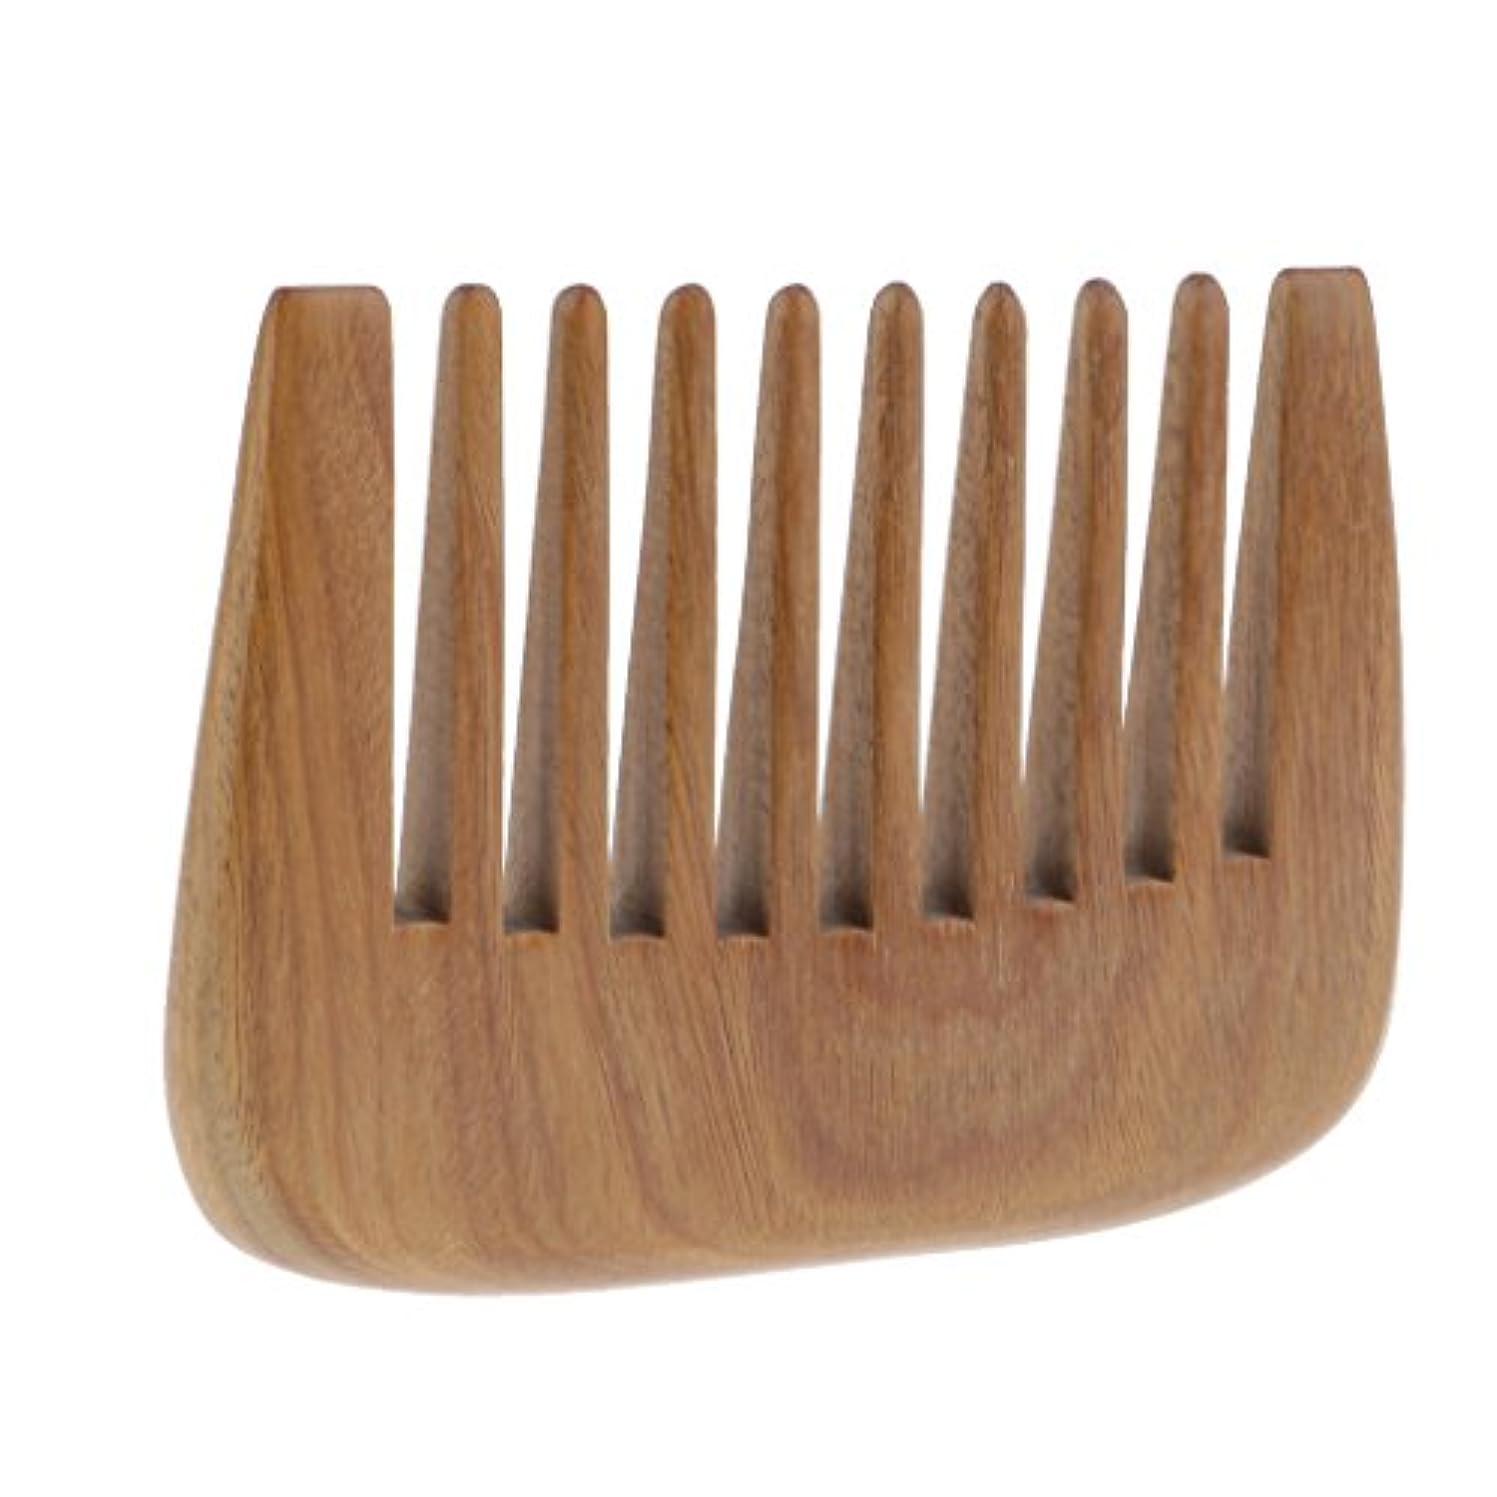 Kesoto ヘアコーム 櫛 ウッドコーム 自然木製 ワイドコーム デタングラーブラシ ヘアスタイリング ヘアブラシ ポケットサイズ